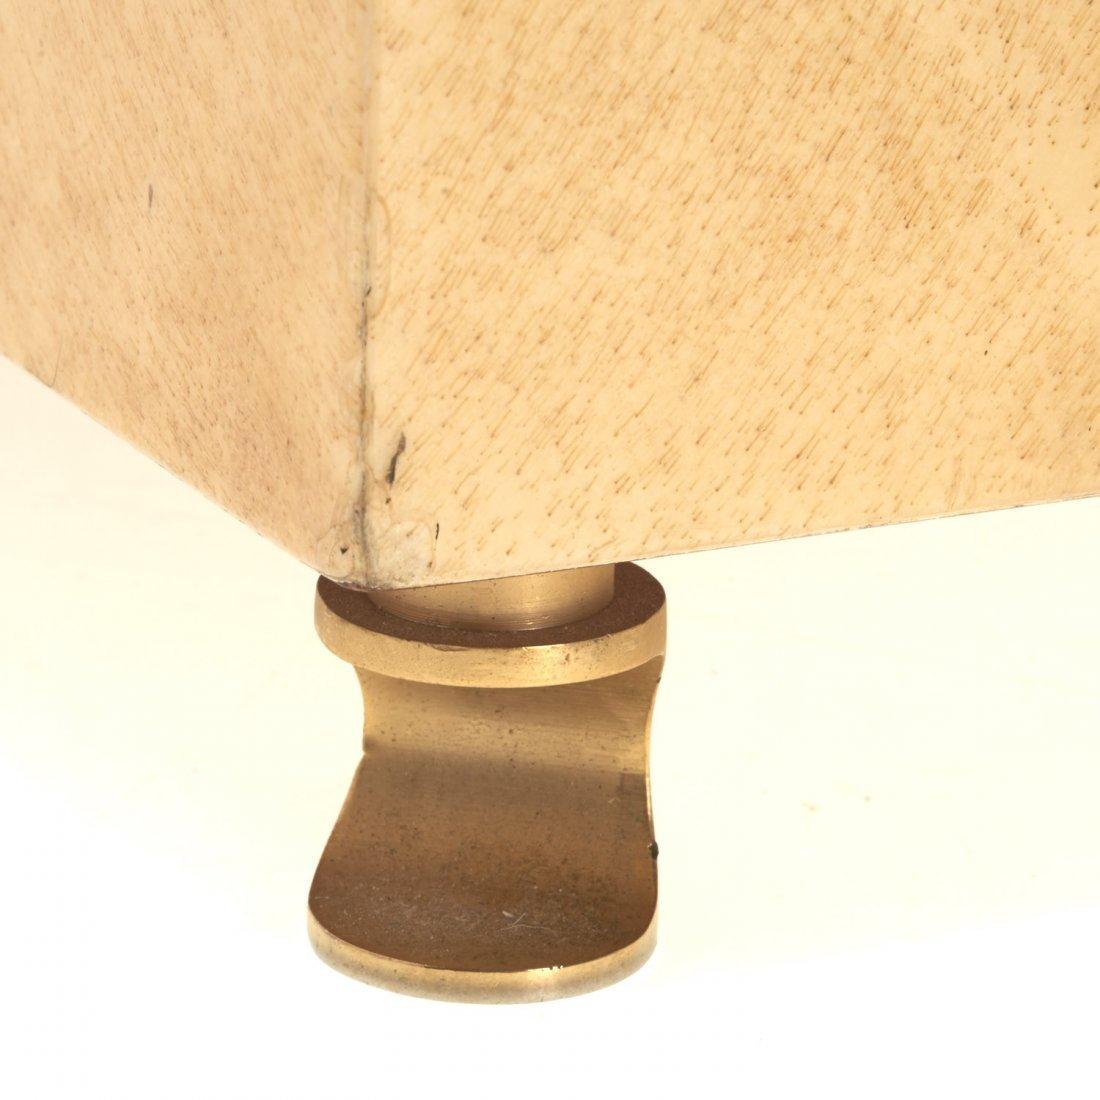 (2) Aldo Tura parchment baskets - 2